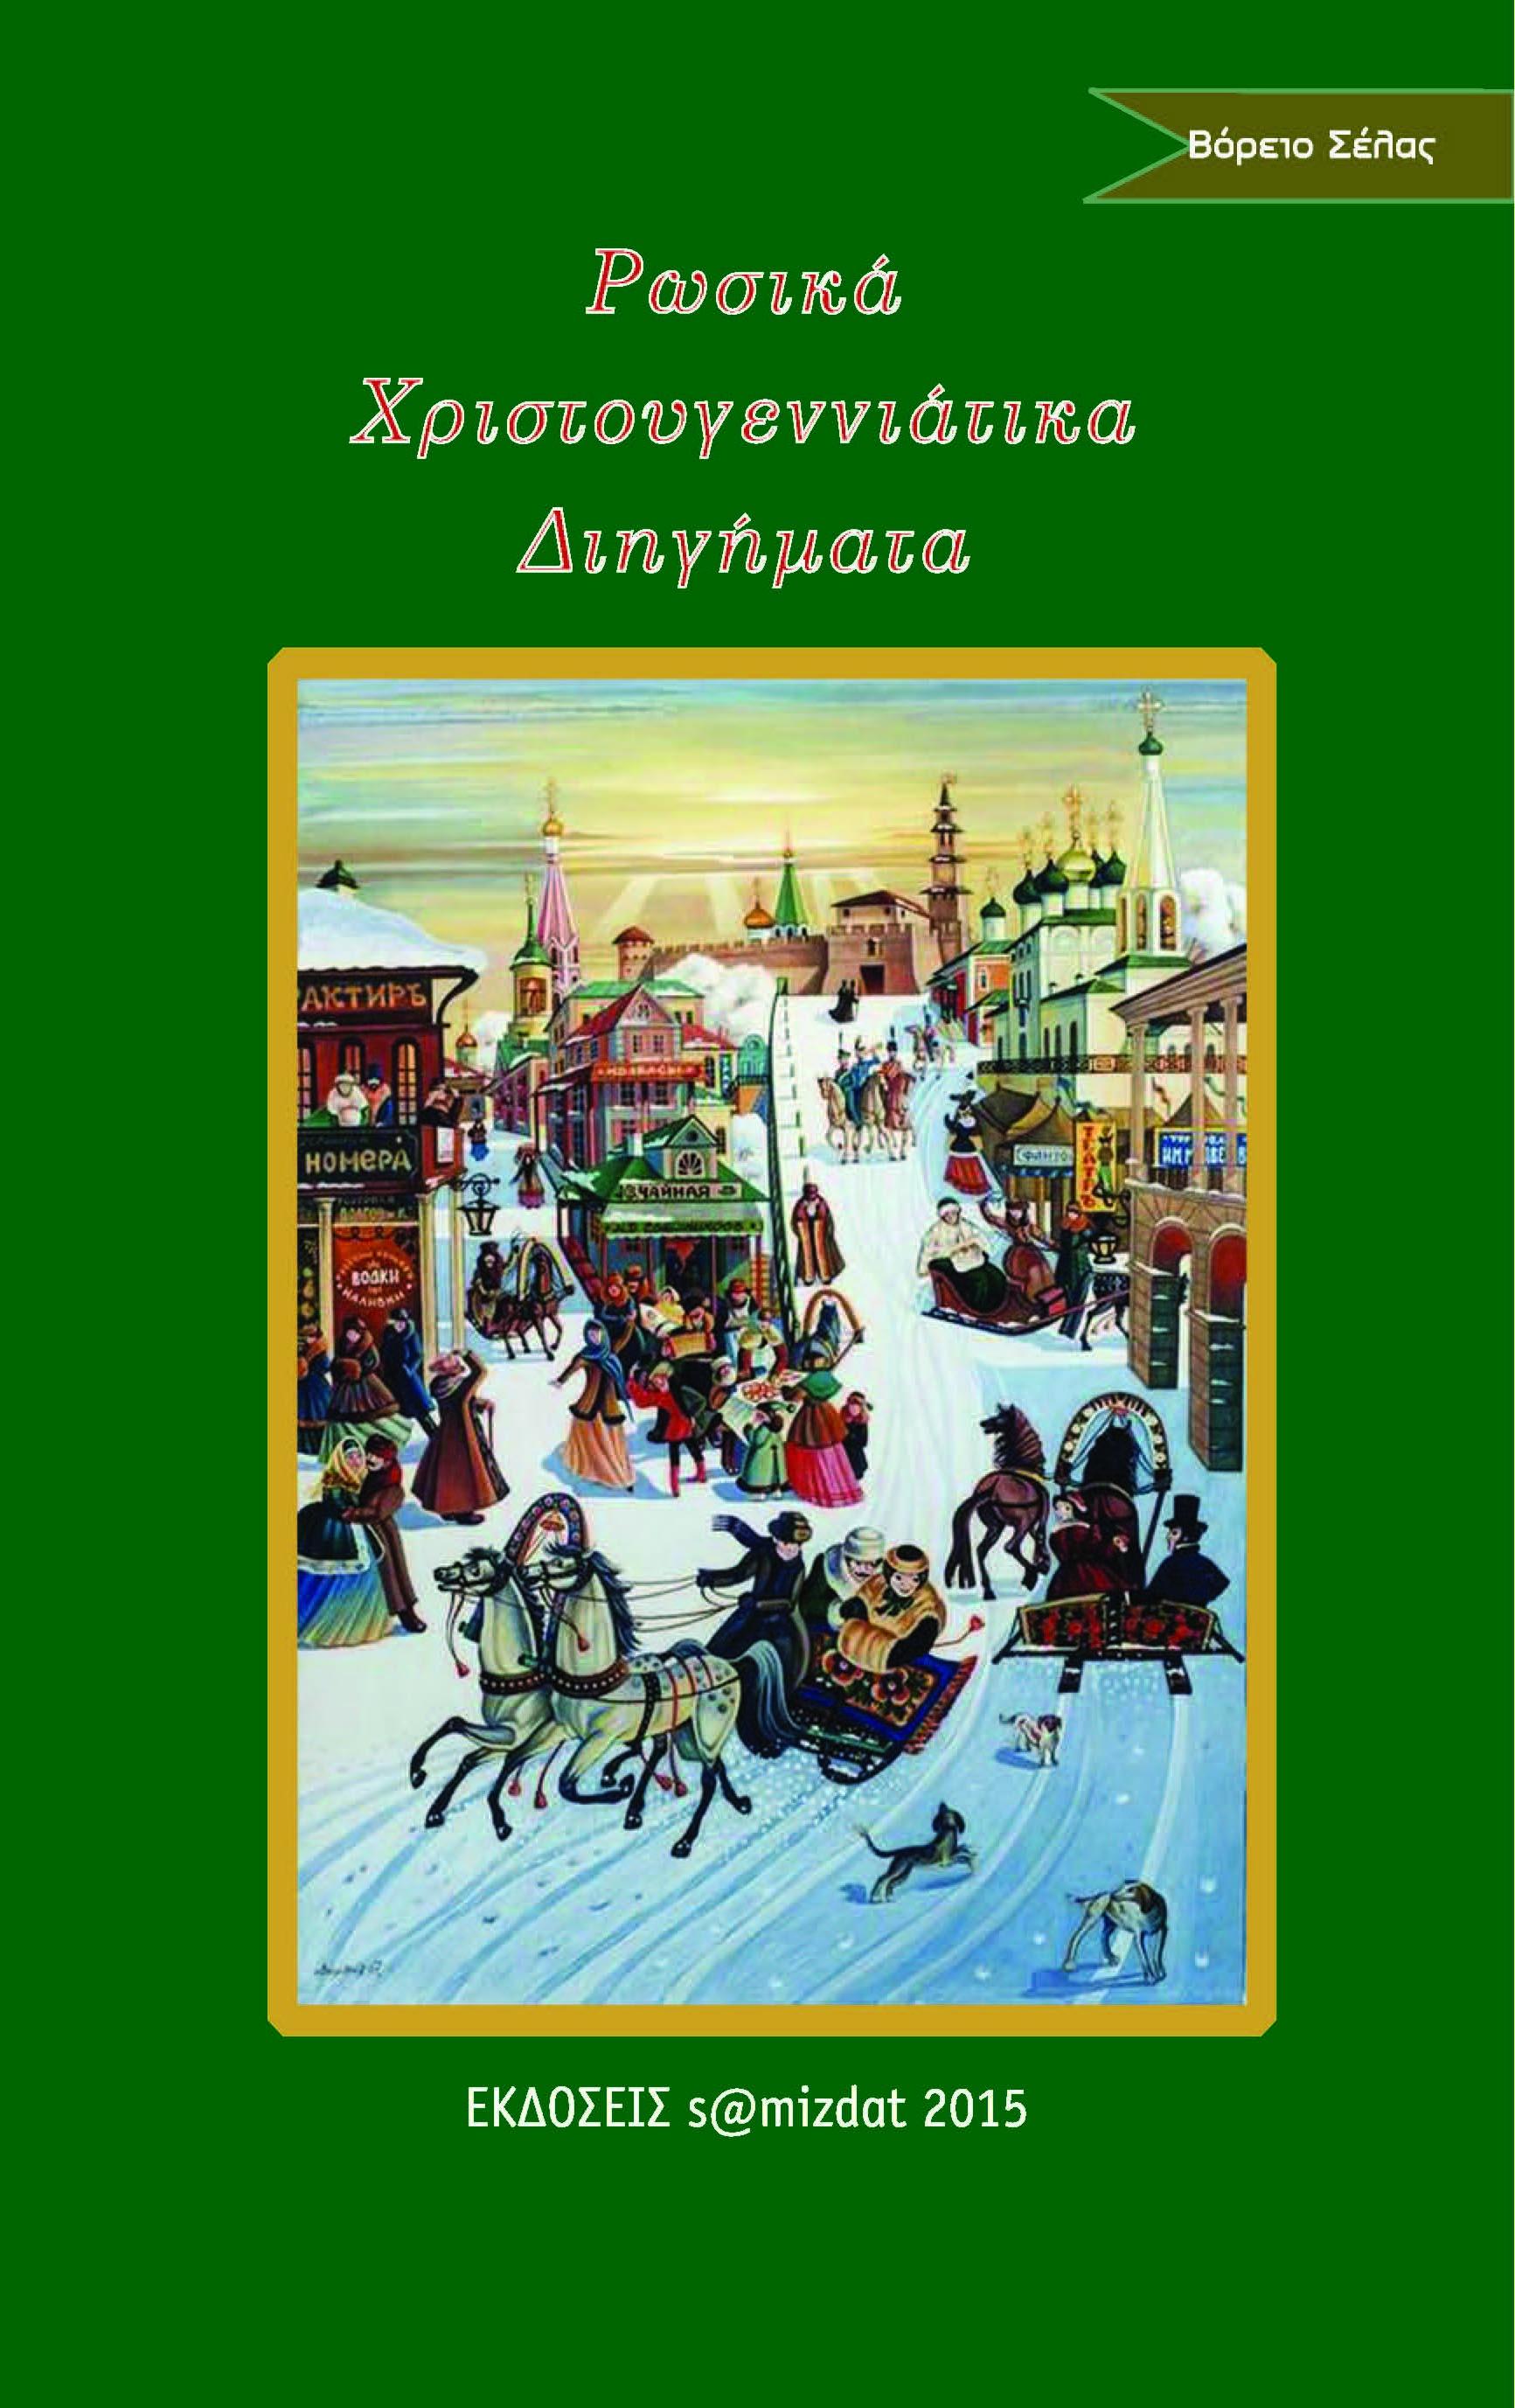 Ανθολογία ρωσικού χριστουγεννιάτικου διηγήματος